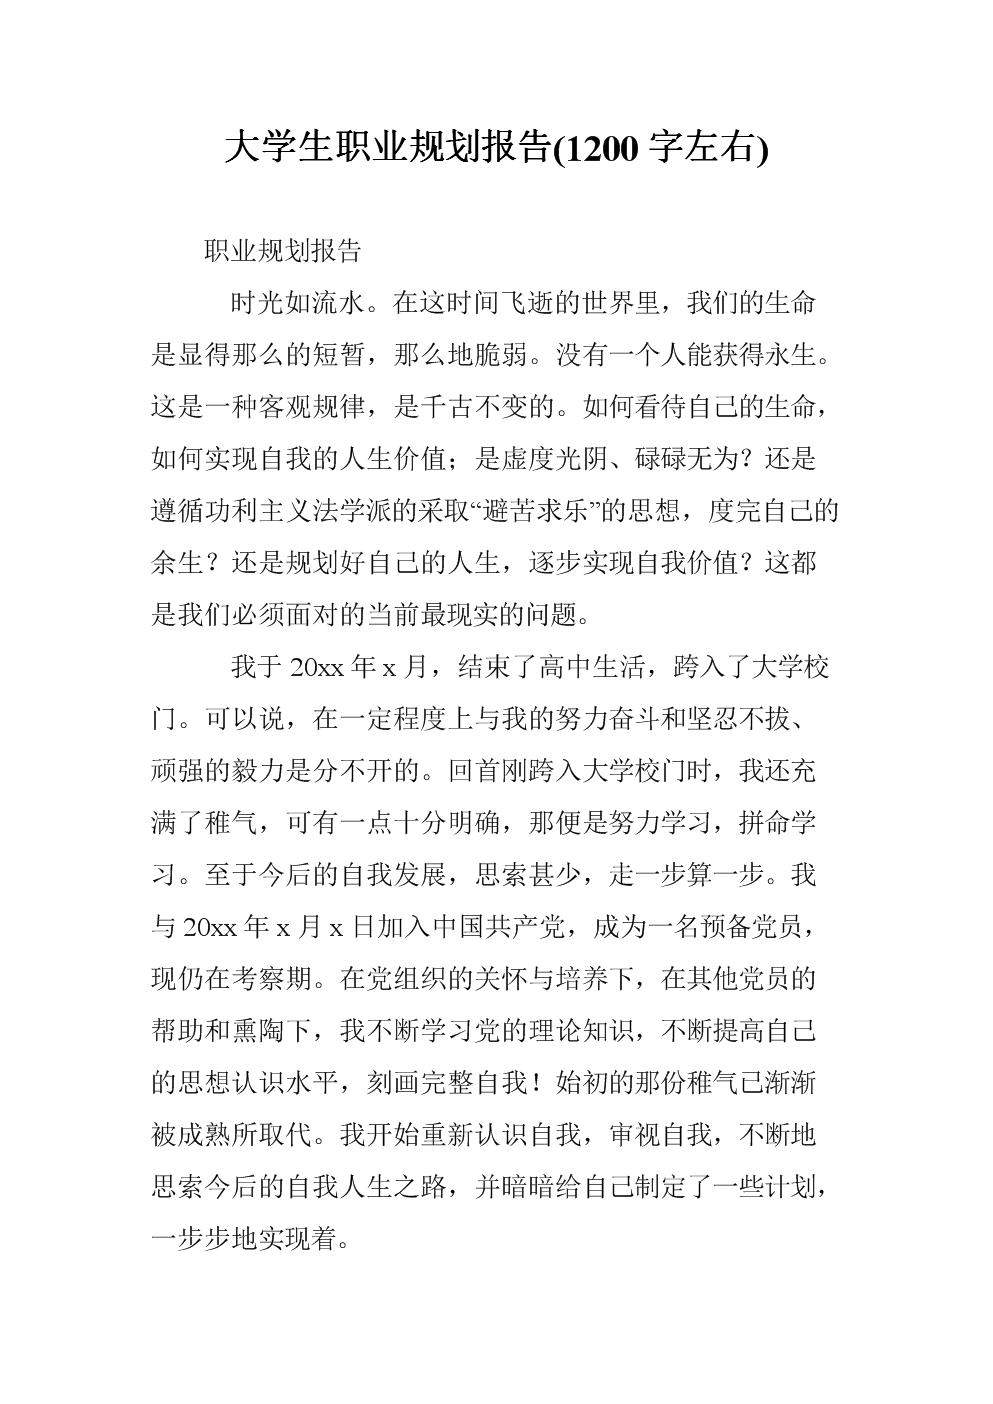 大学生职业规划报告(1200字左右).doc